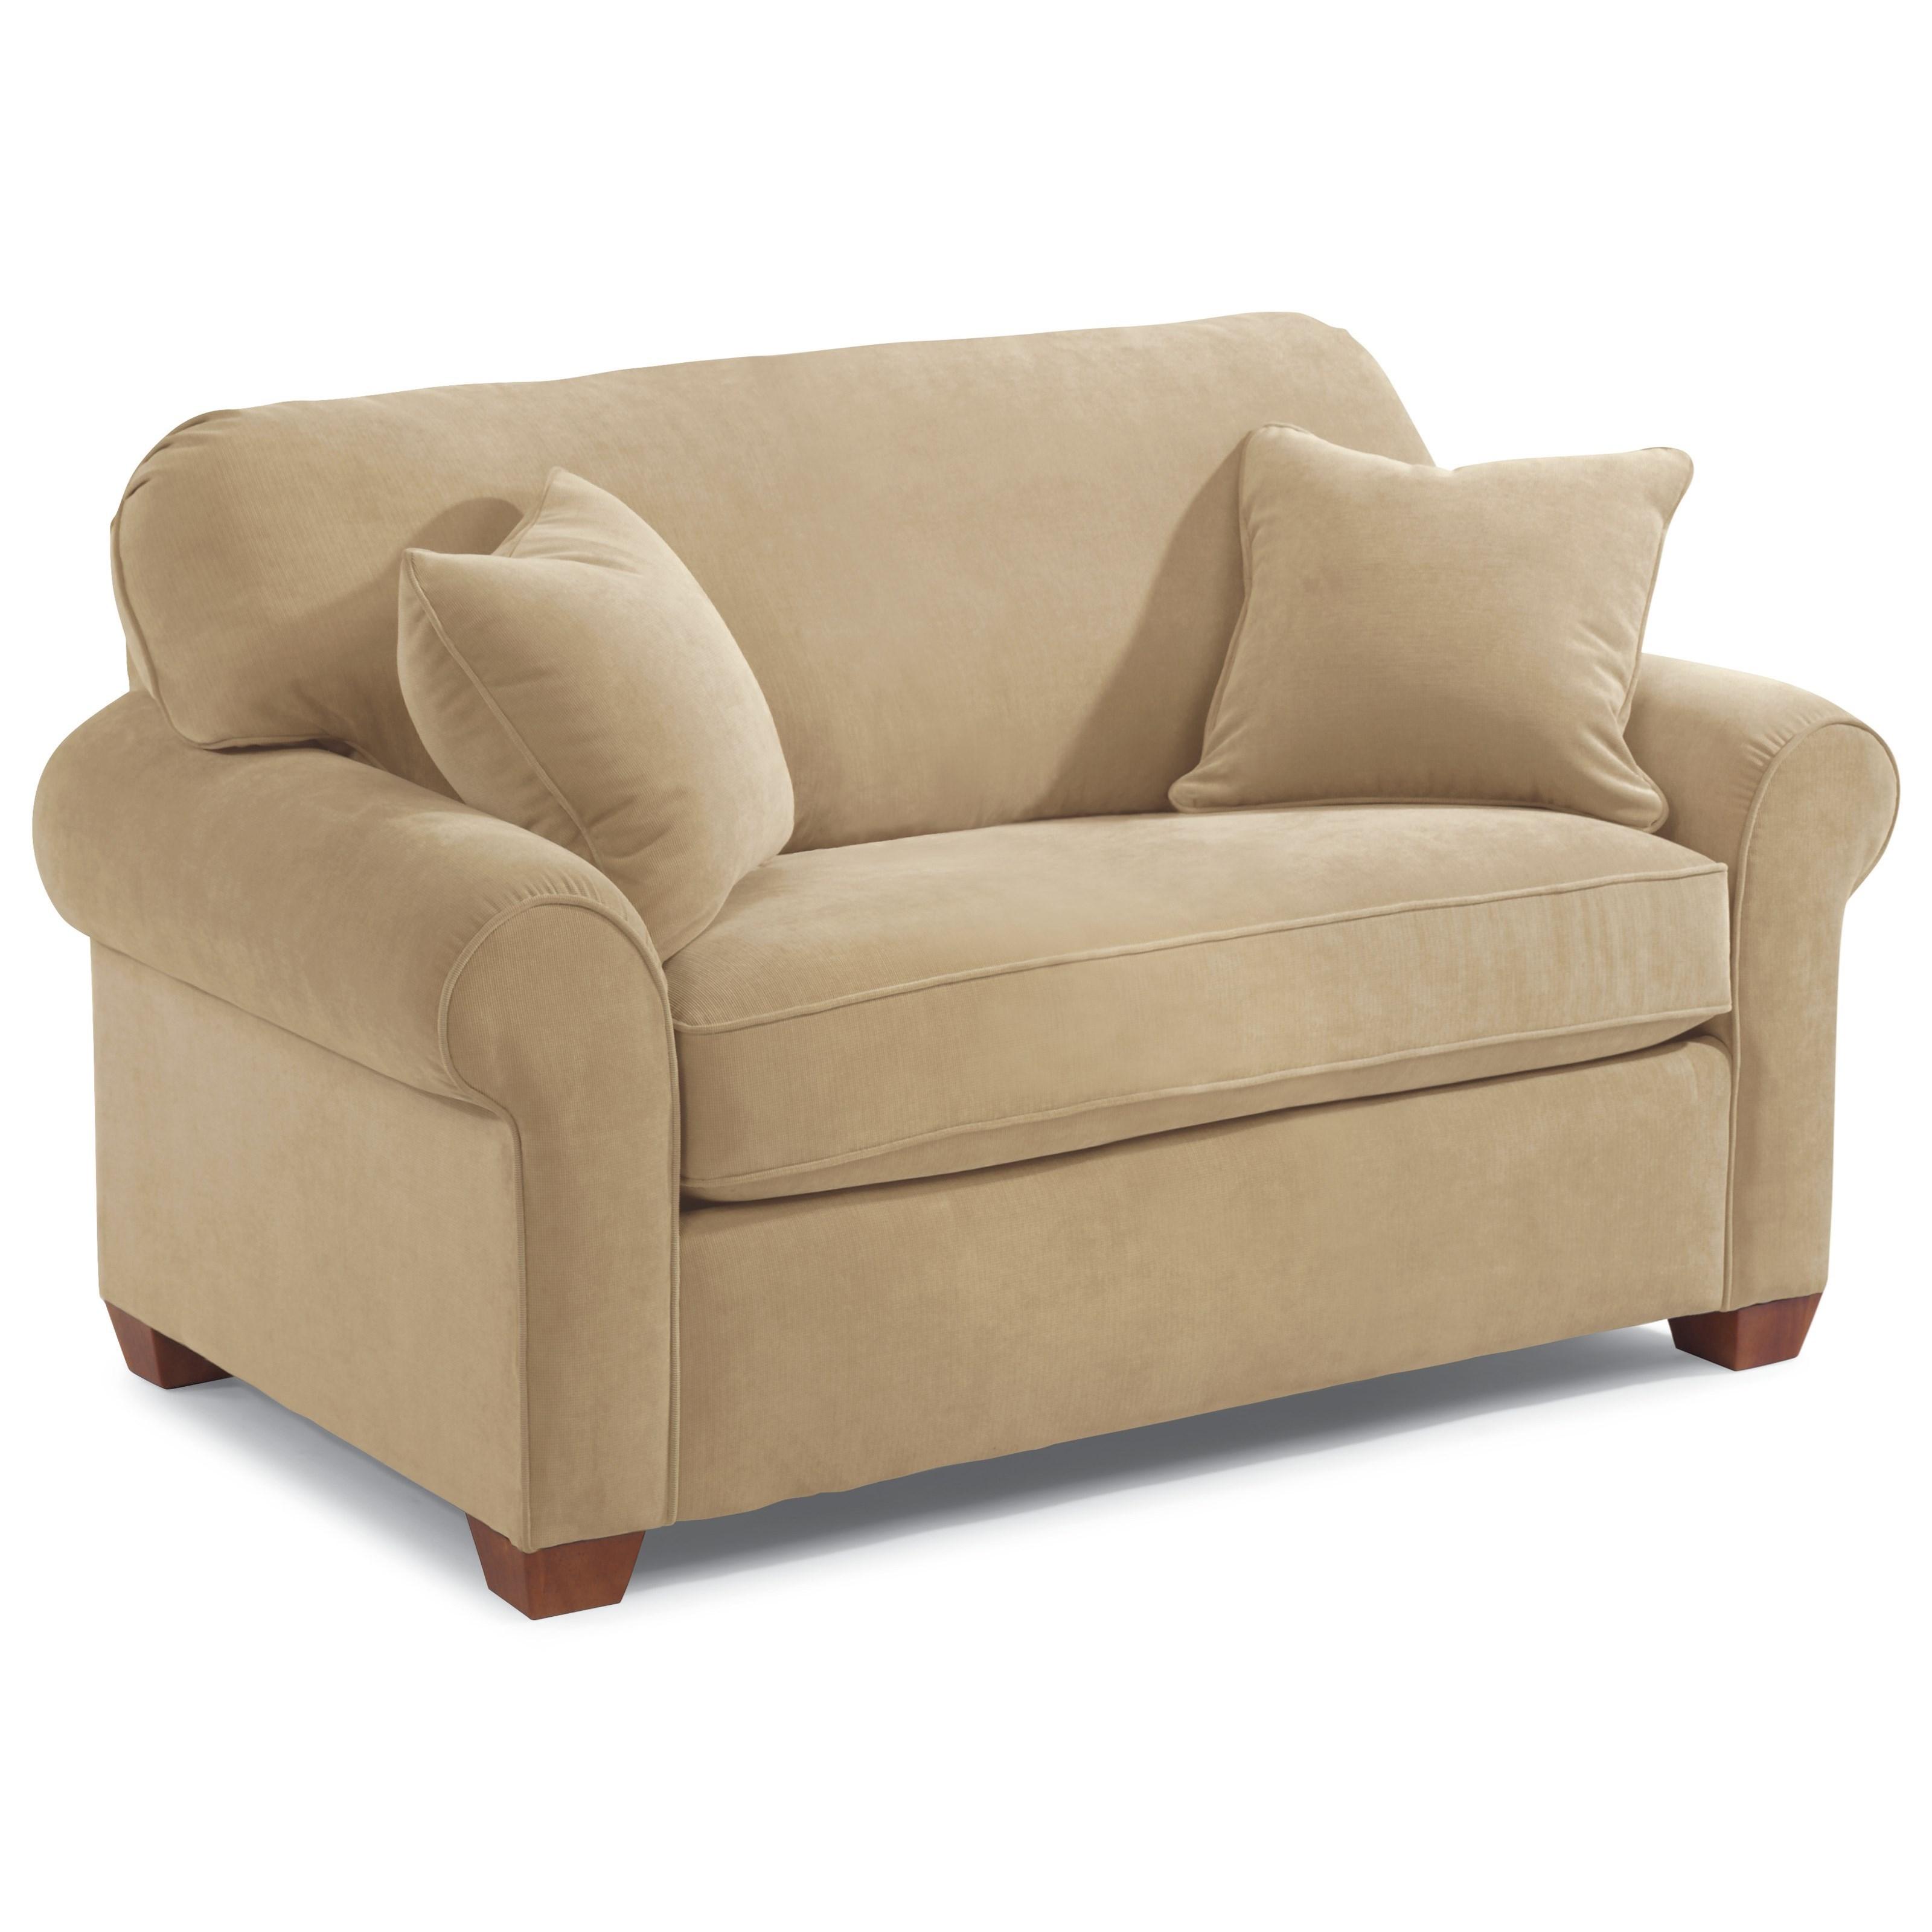 Flexsteel Paige Twin Sleeper Sofa   Crowley Furniture ...